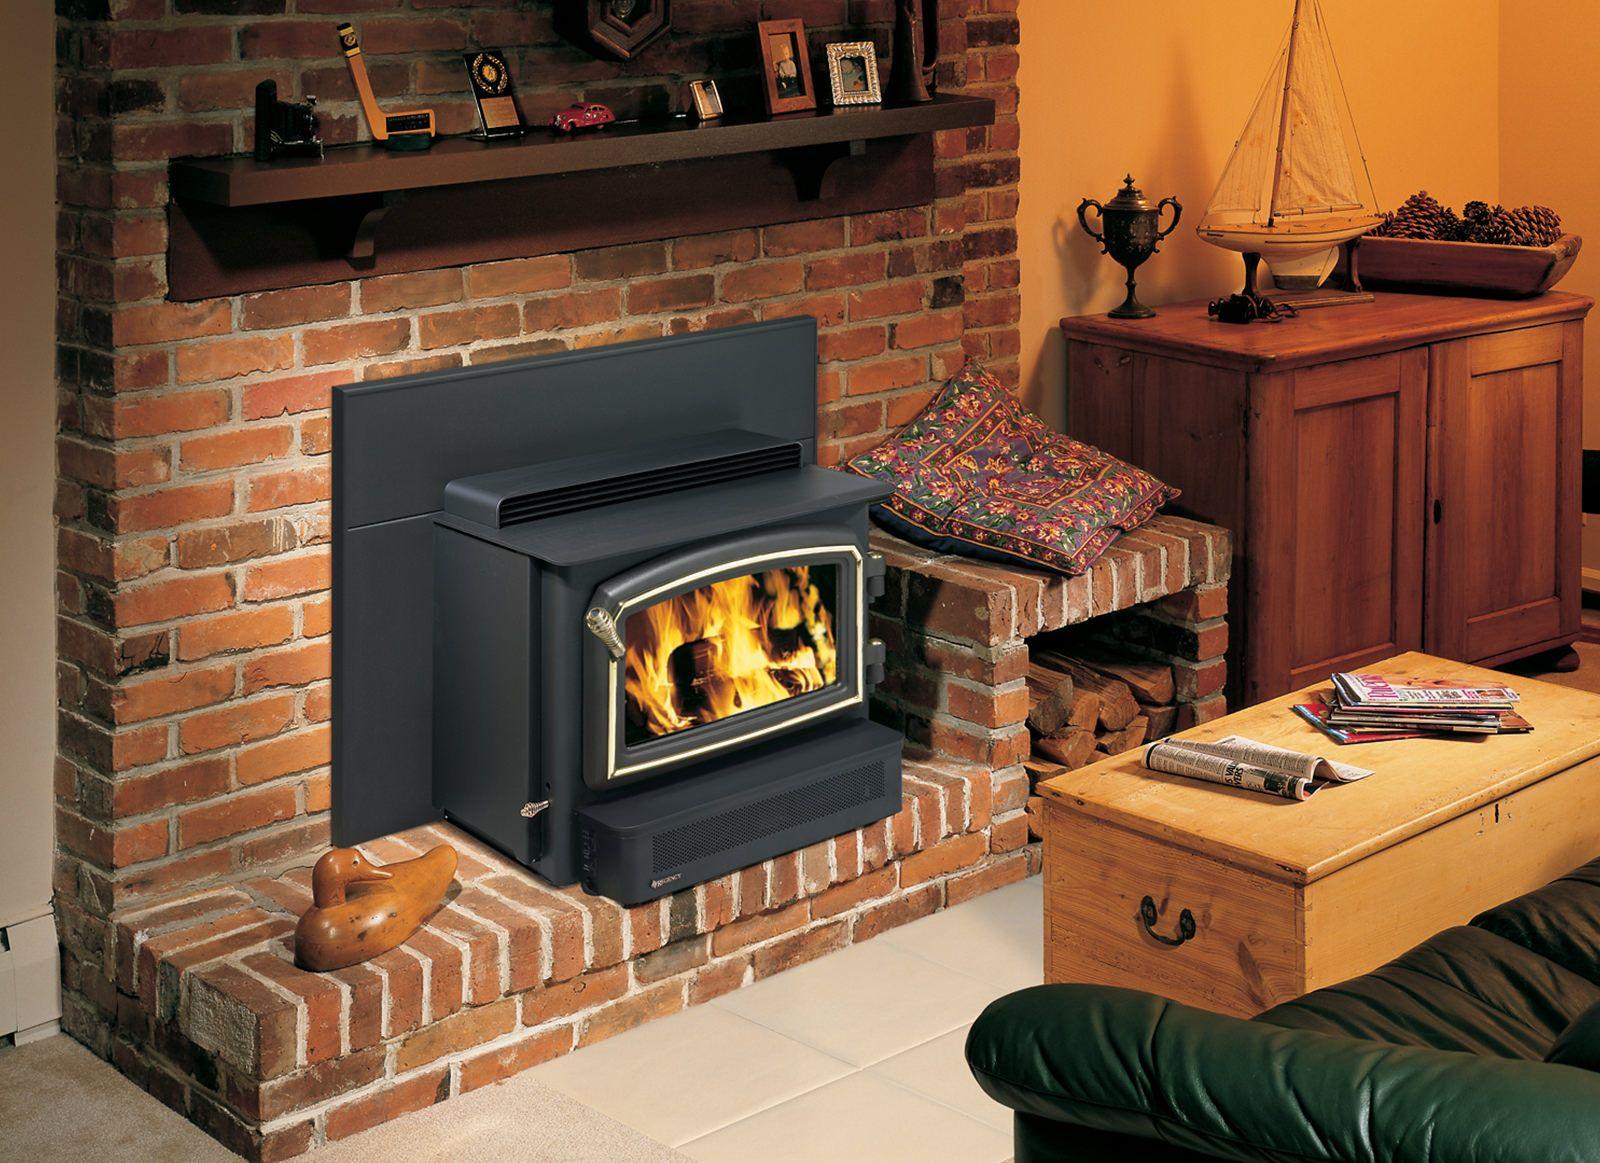 Regency Hearth Heater H2100 Wood Insert Fireplace Woodfireplace Insert Wood Burning Fireplace Inserts Wood Burning Heaters Wood Fireplace